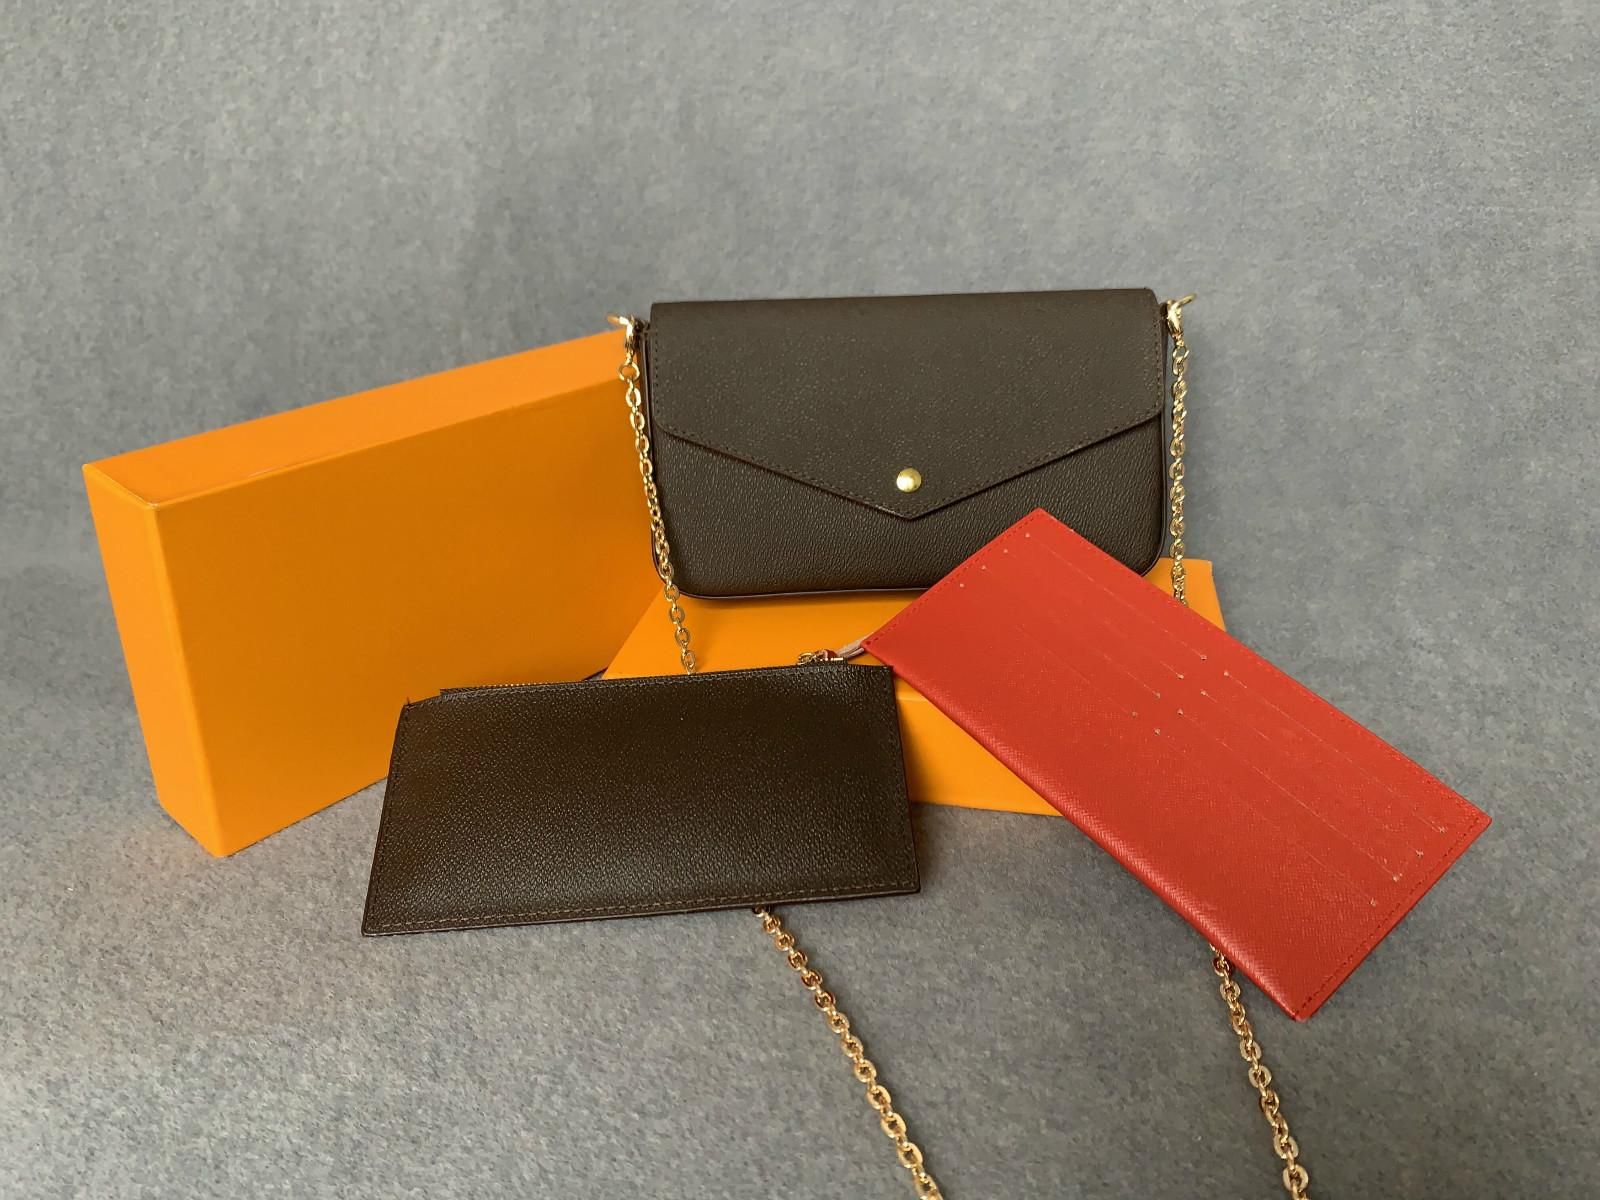 Сумки новейшие кошельки сочетание коробки женщин сумки на ремне высокий см трех частей сумки качества 61276 размер с 21 * 11 * 2 b мода pujjw